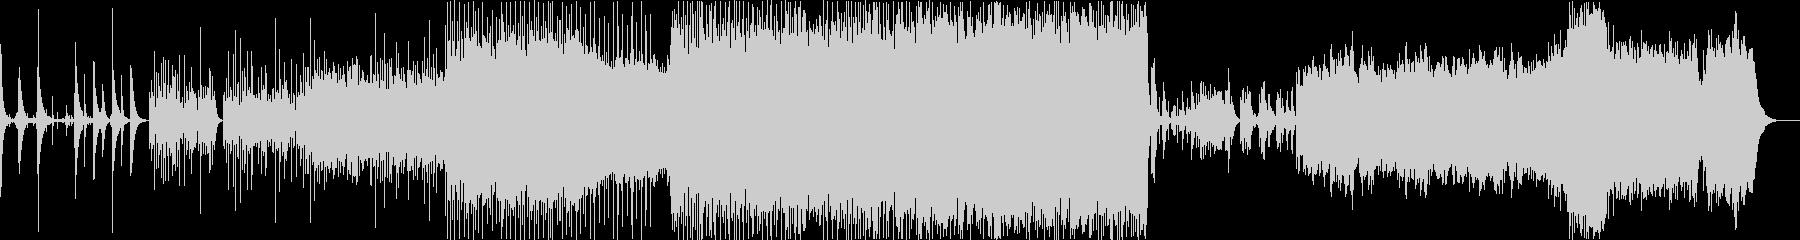 グリッチー ノイズ の未再生の波形